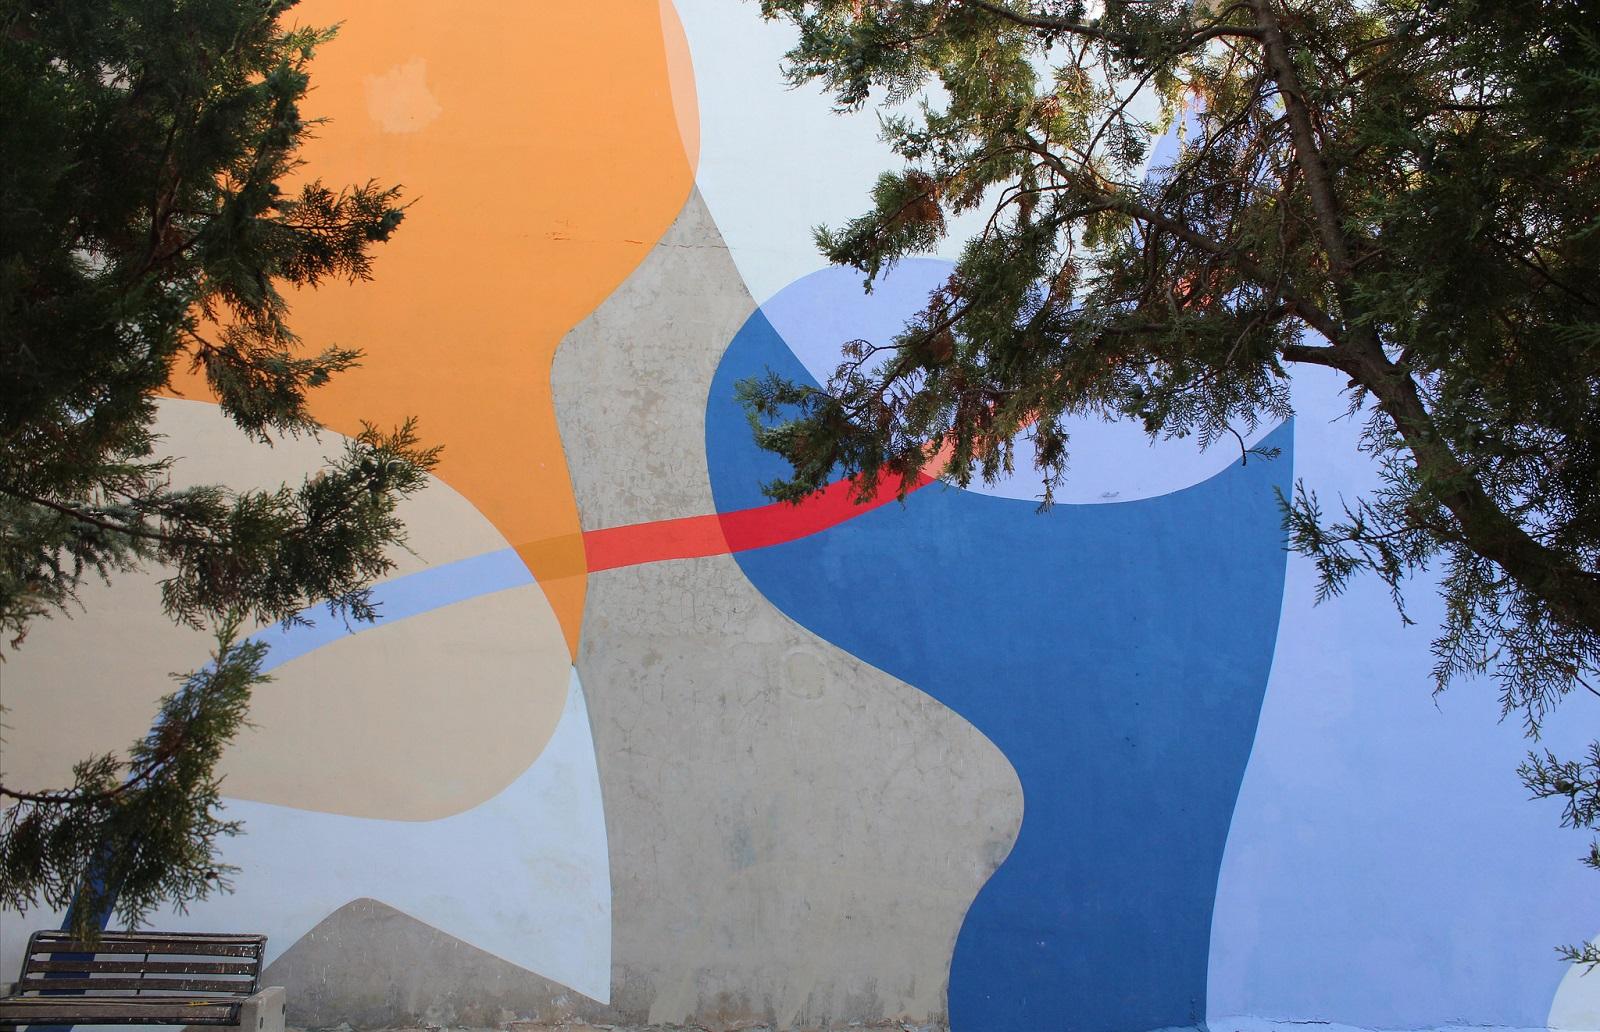 gue-new-murals-in-castrofilippo-and-modica-02